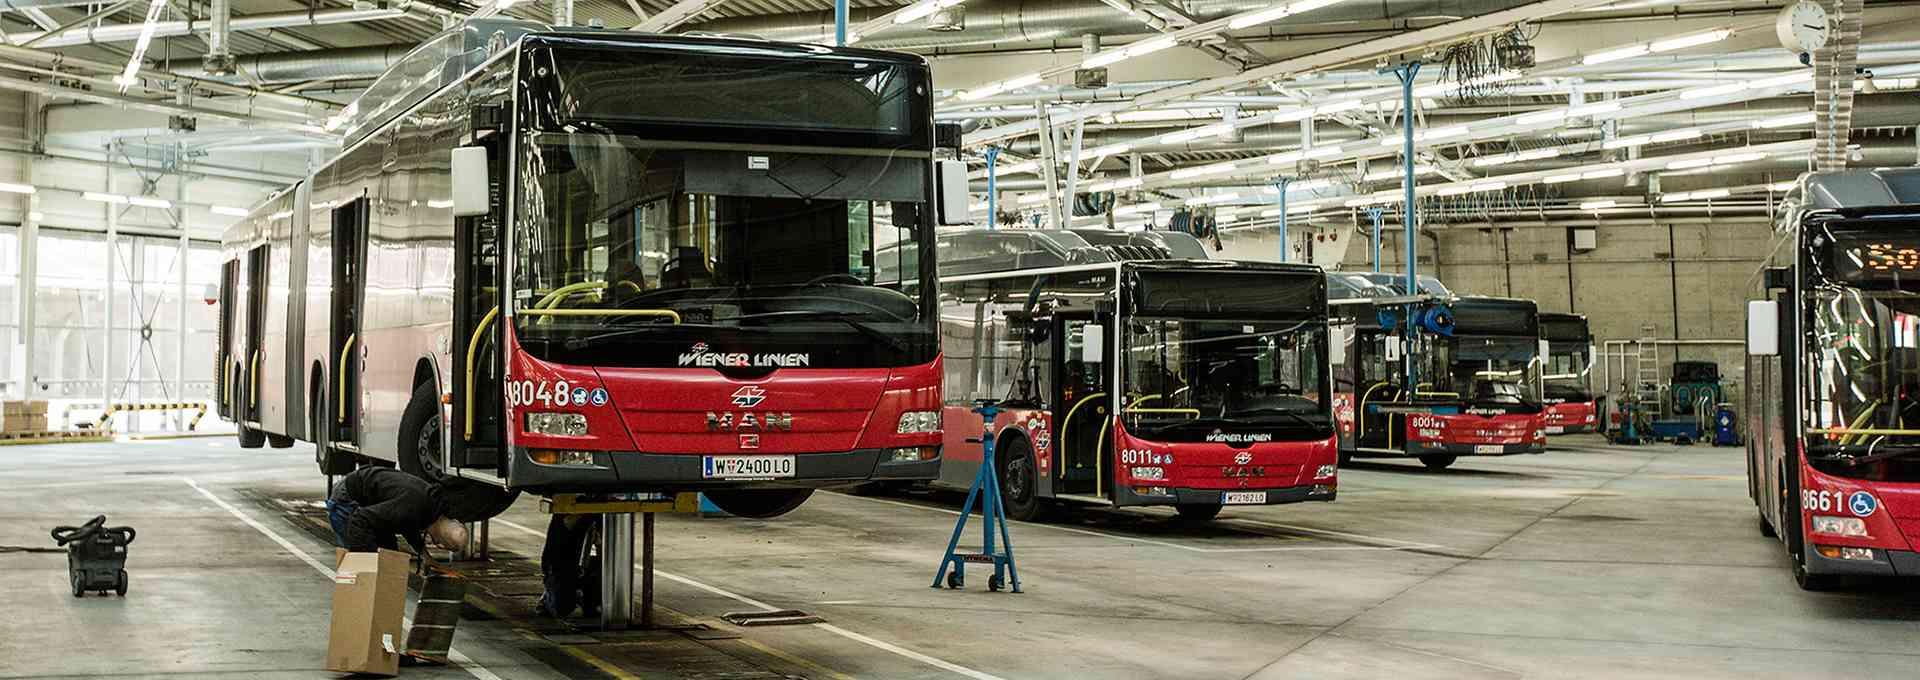 In der Autobusgarage werden die Busse gründlich gereinigt.